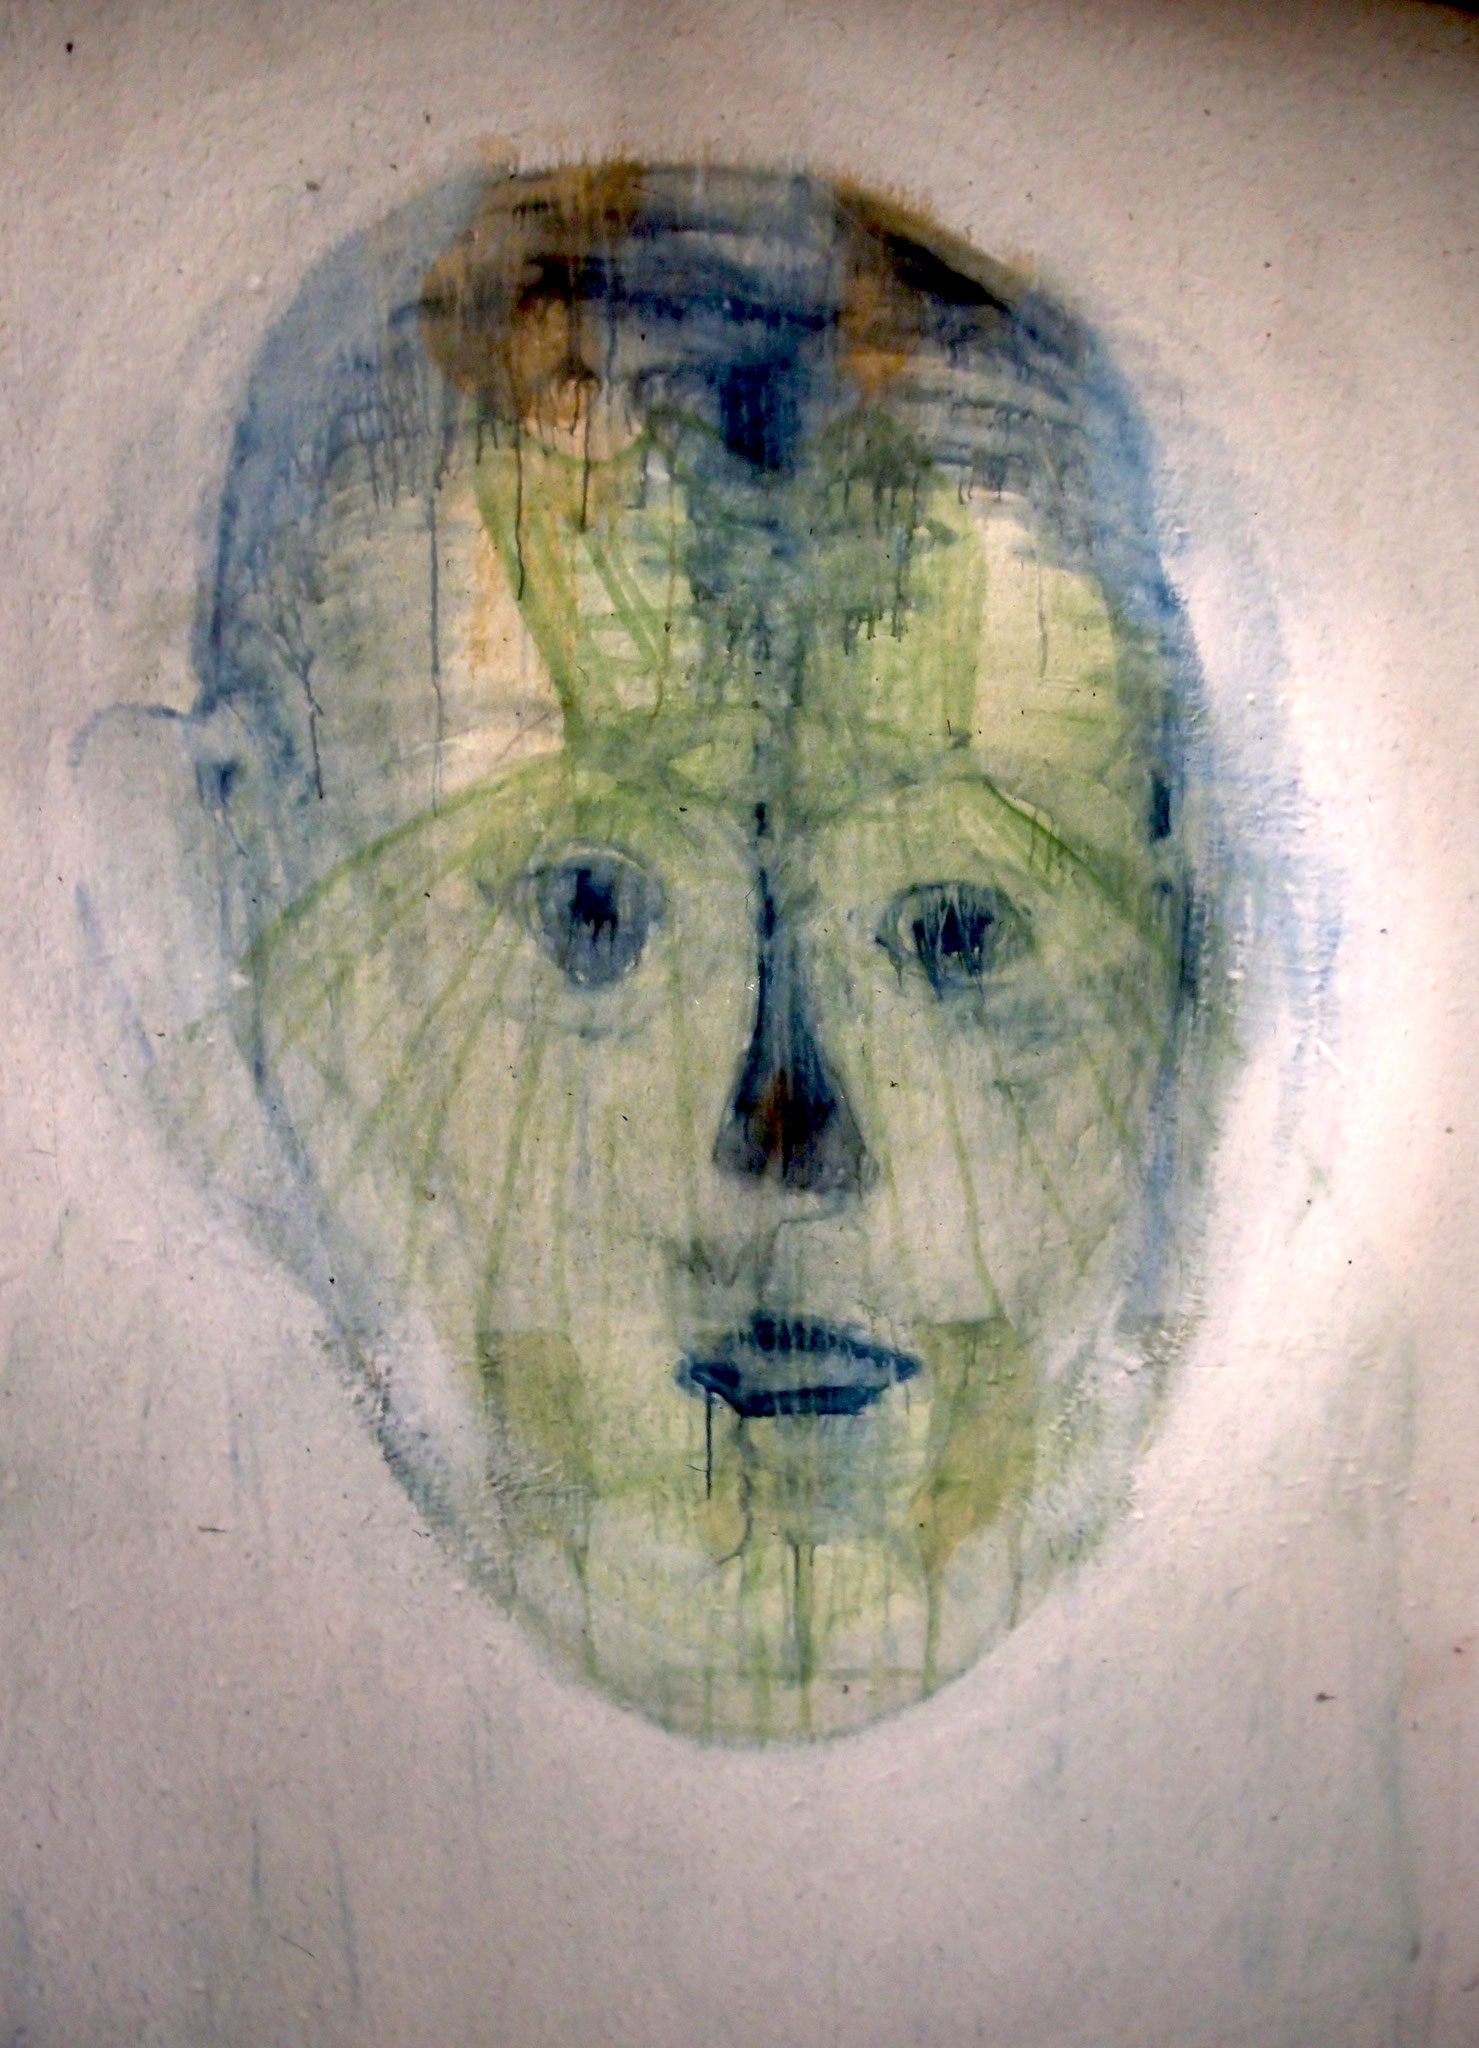 Wandmalerei 1998, Ecole national supérieur de beaux Arts (ENSBA) Paris